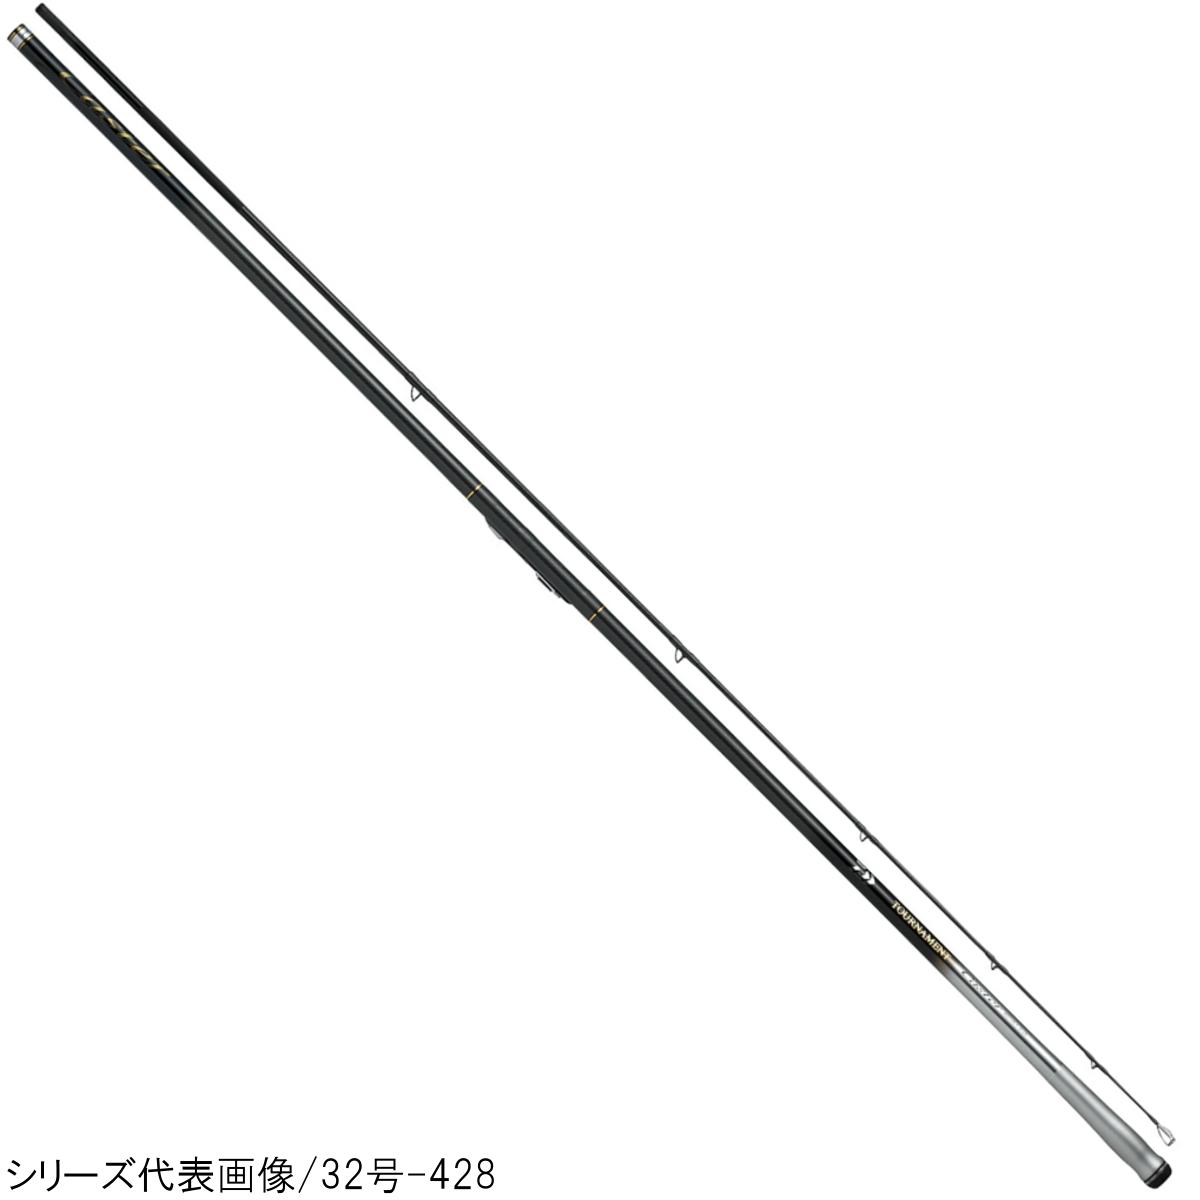 ダイワ トーナメント キャスター AGS タイプT 29号-400【大型商品】